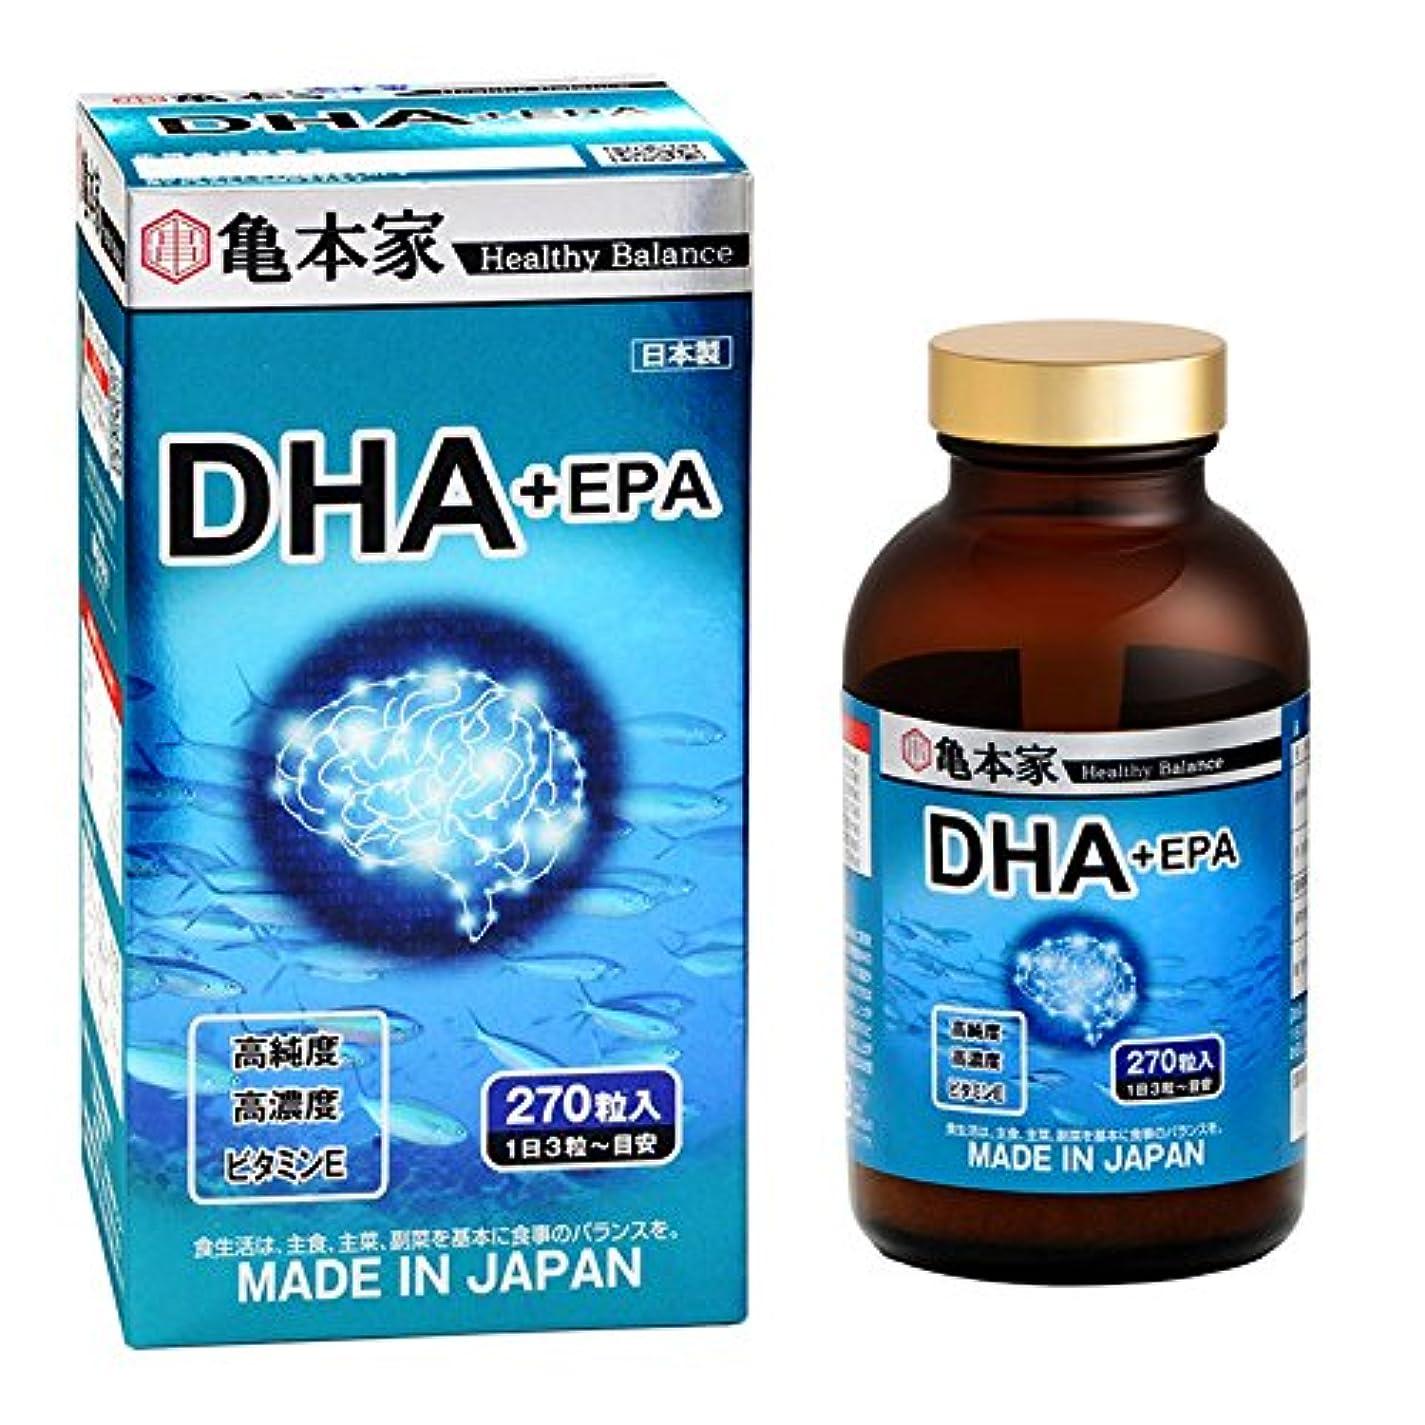 逃げるヒント親密な亀本家 DHA+EPA -SH762285